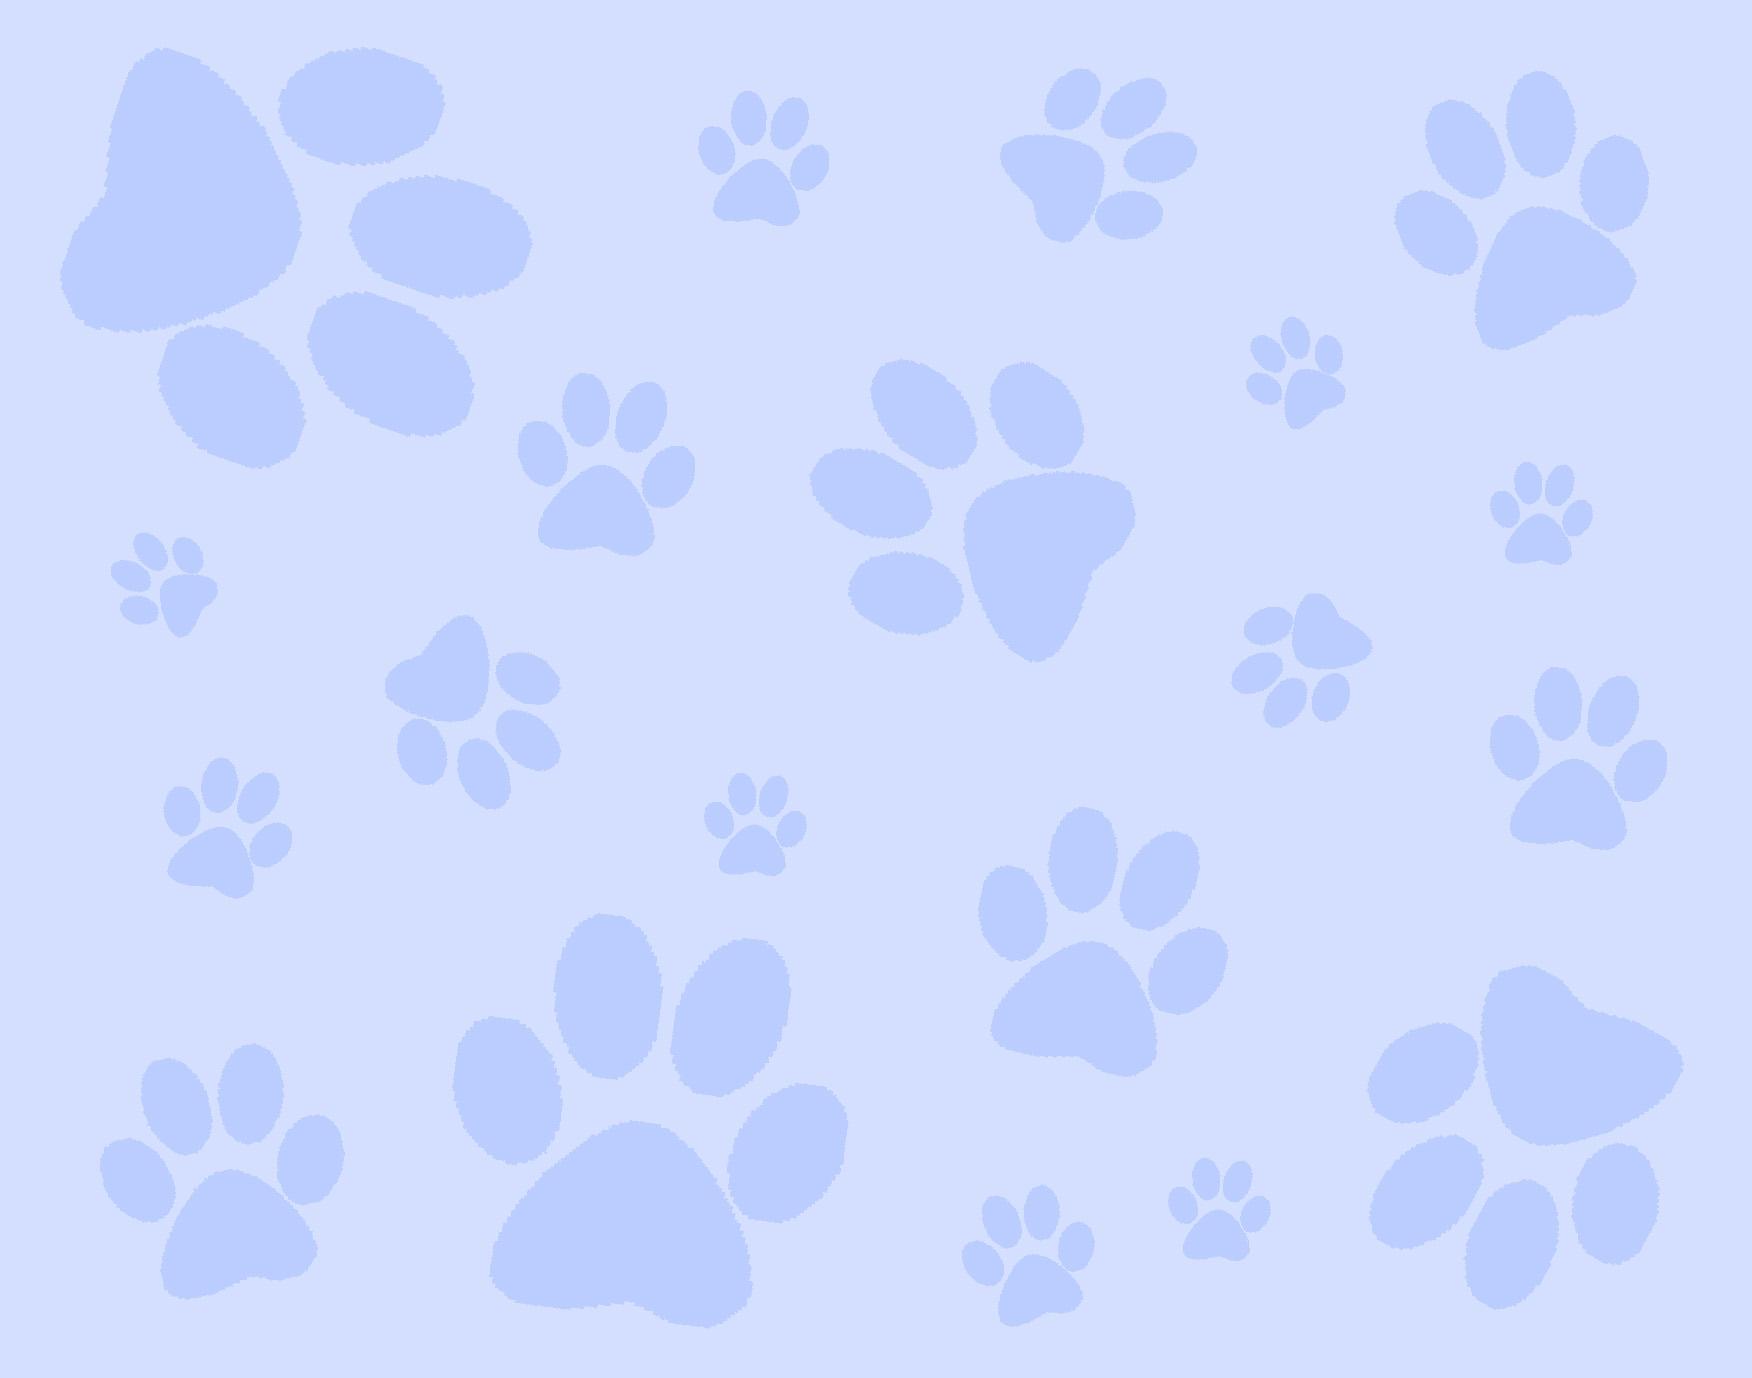 Blue Paw Print Wallpaper